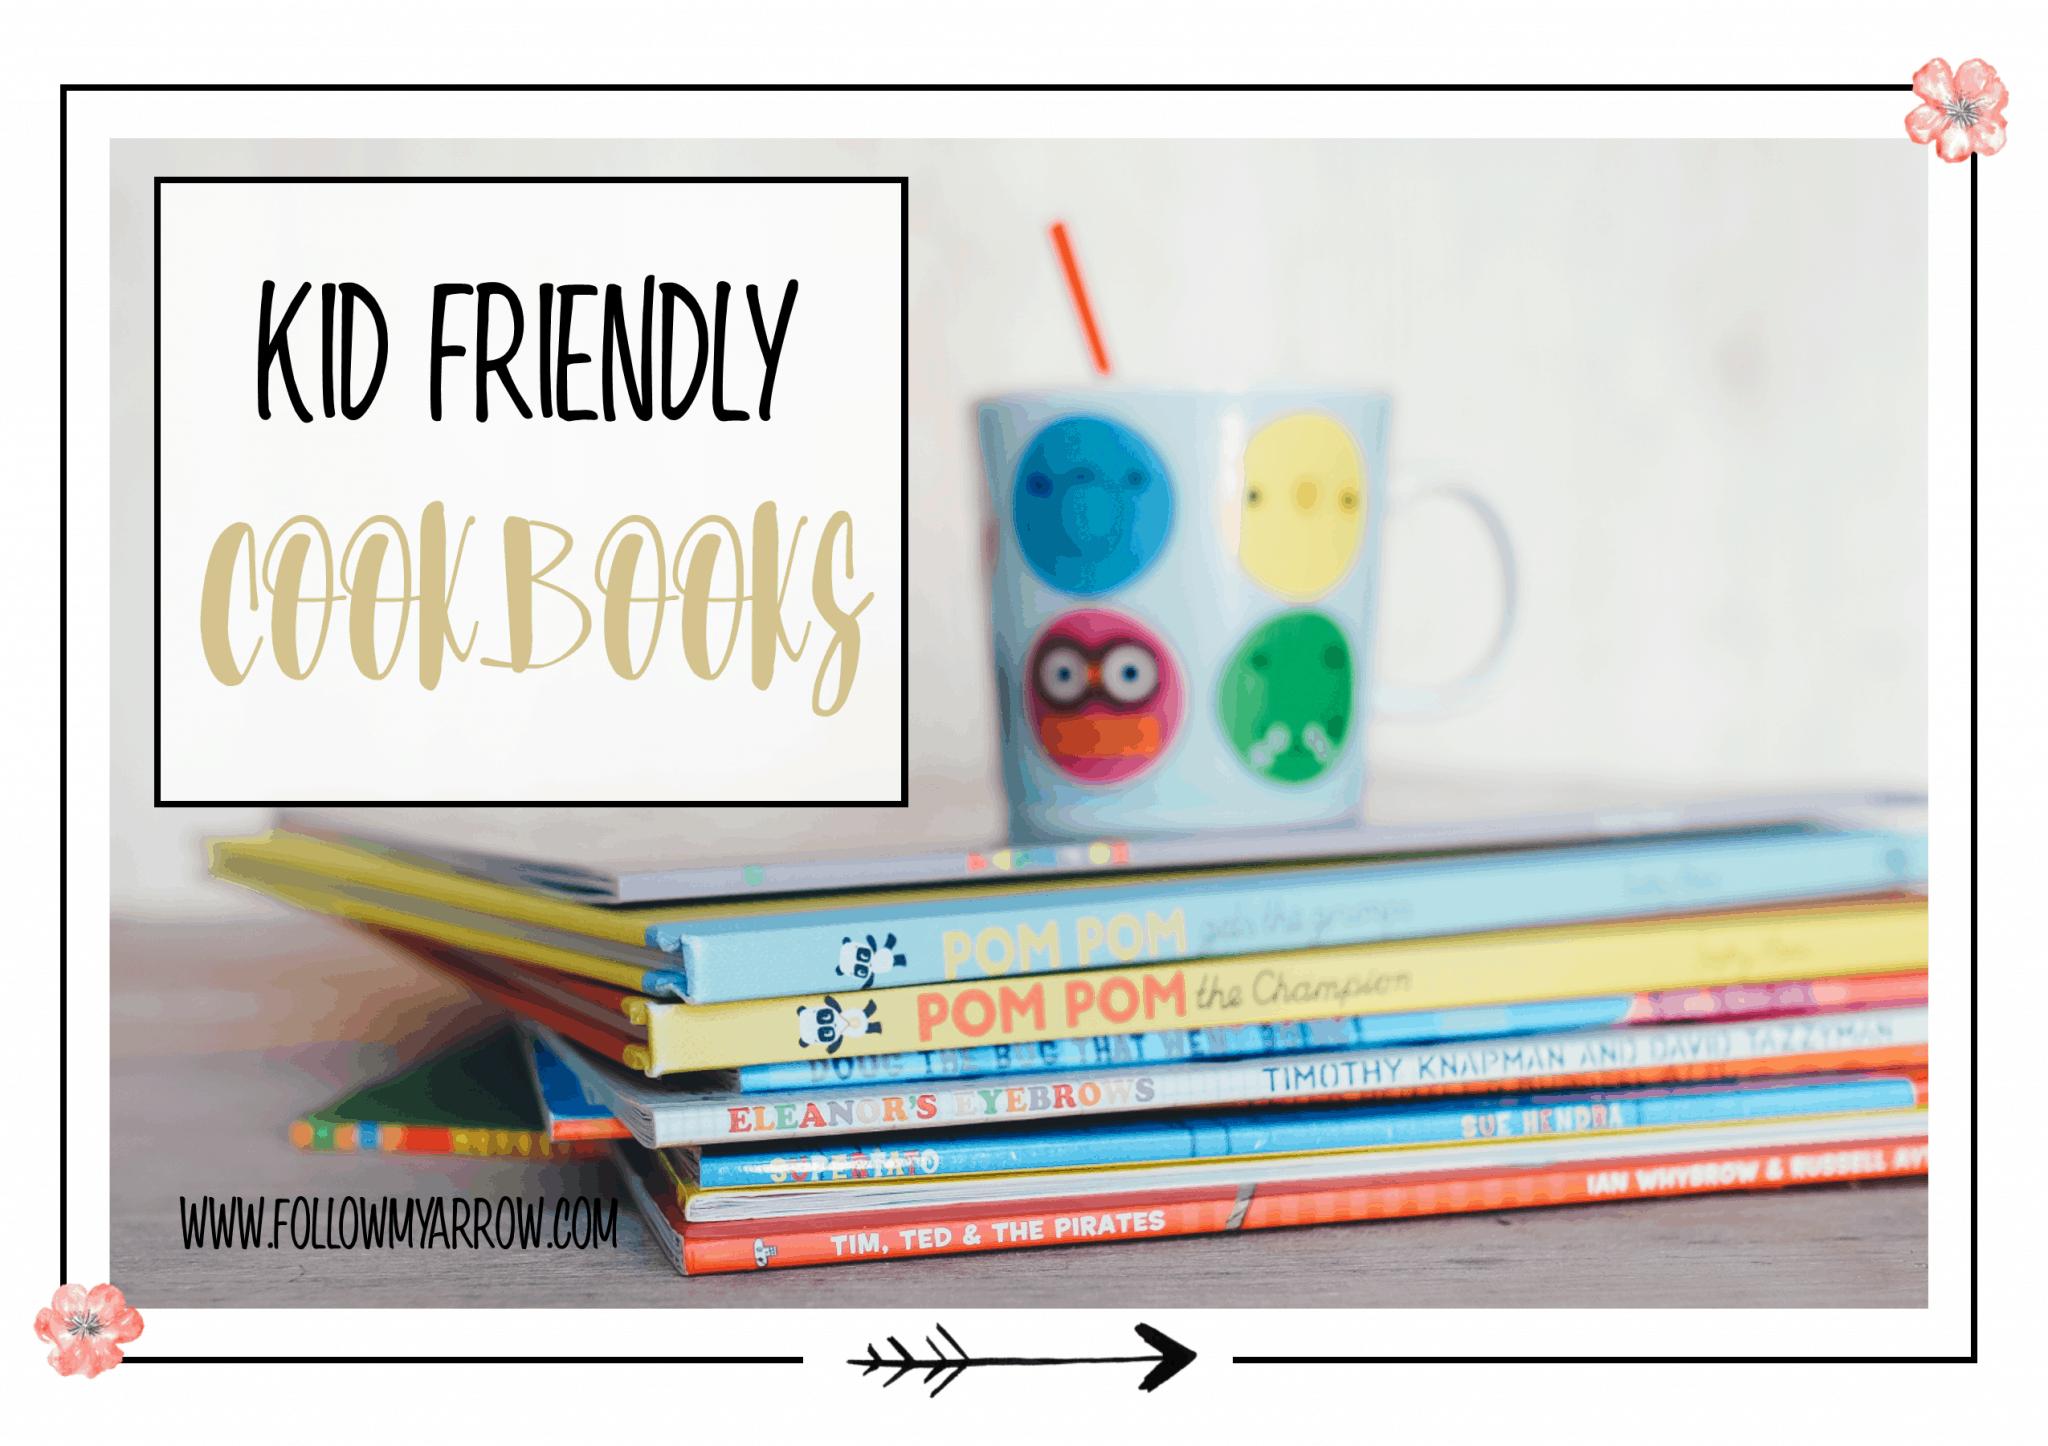 kid friendly holiday cookbooks